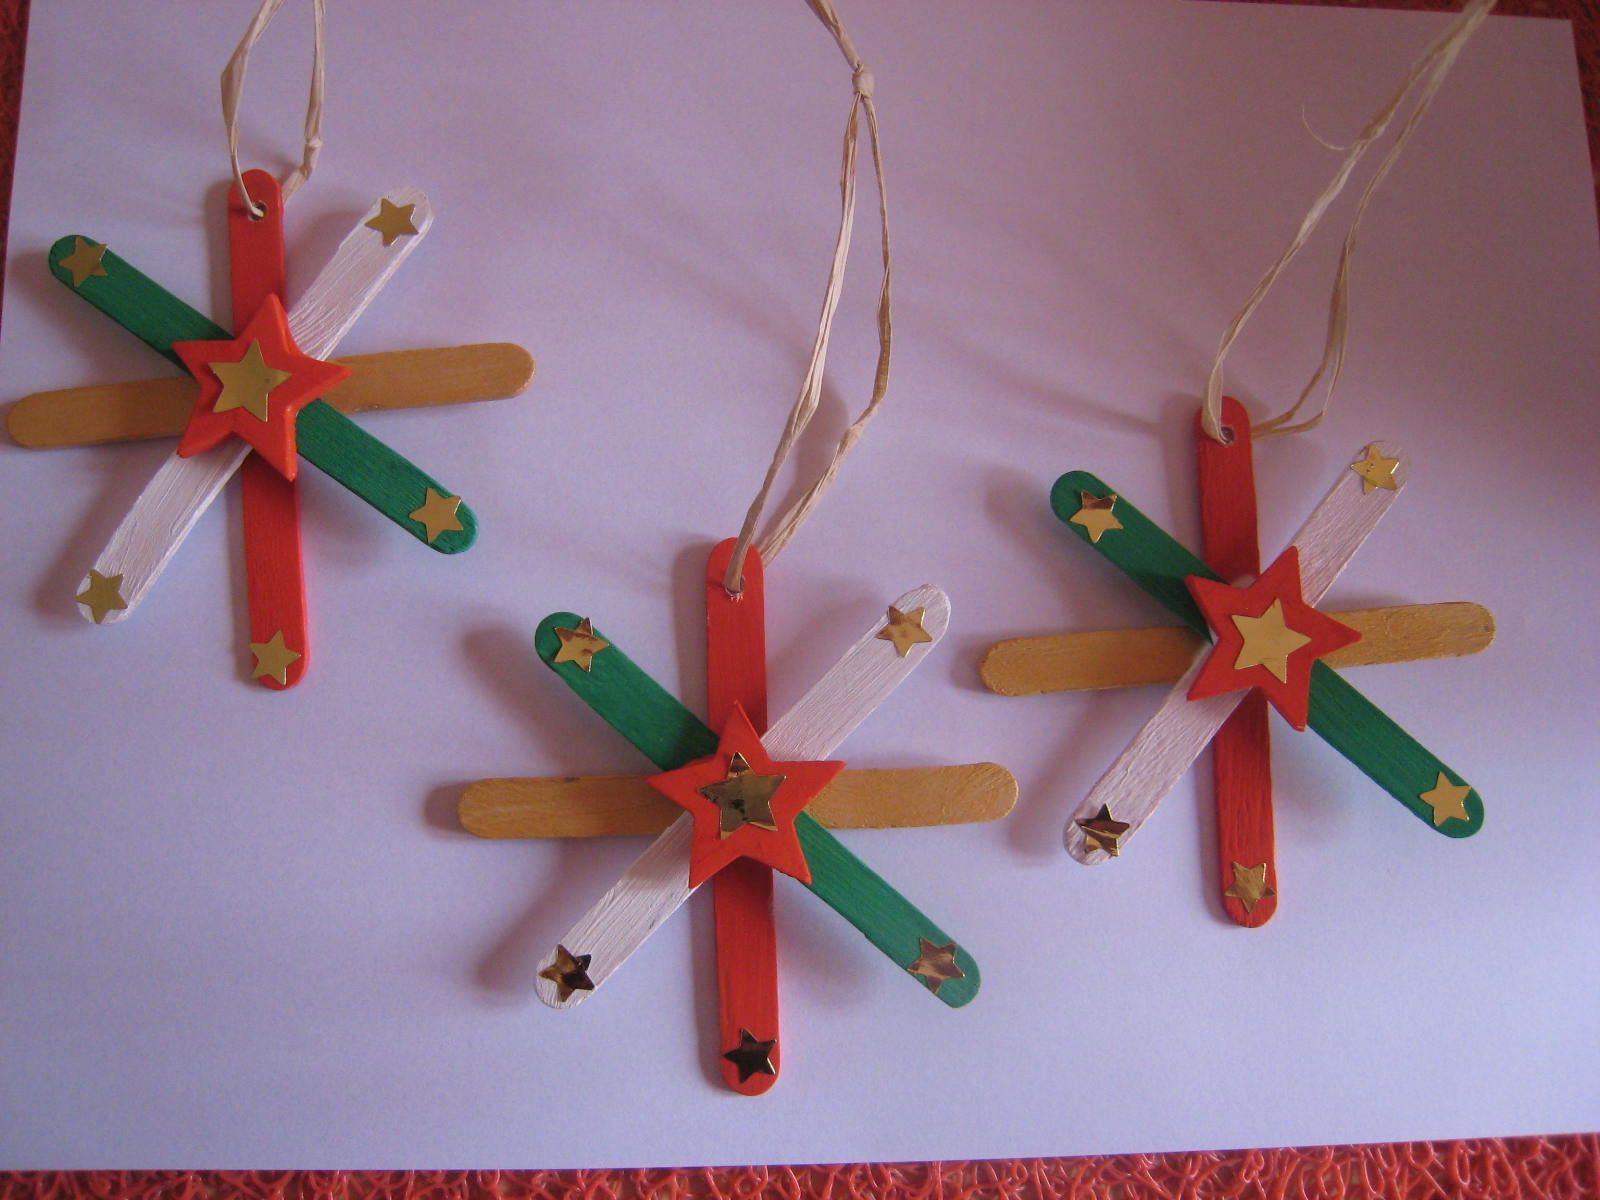 #9F312C Maternelle Decoration Sapin ~ Idées De Décoration Et De  5763 idées décoration noel maternelle 1600x1200 px @ aertt.com